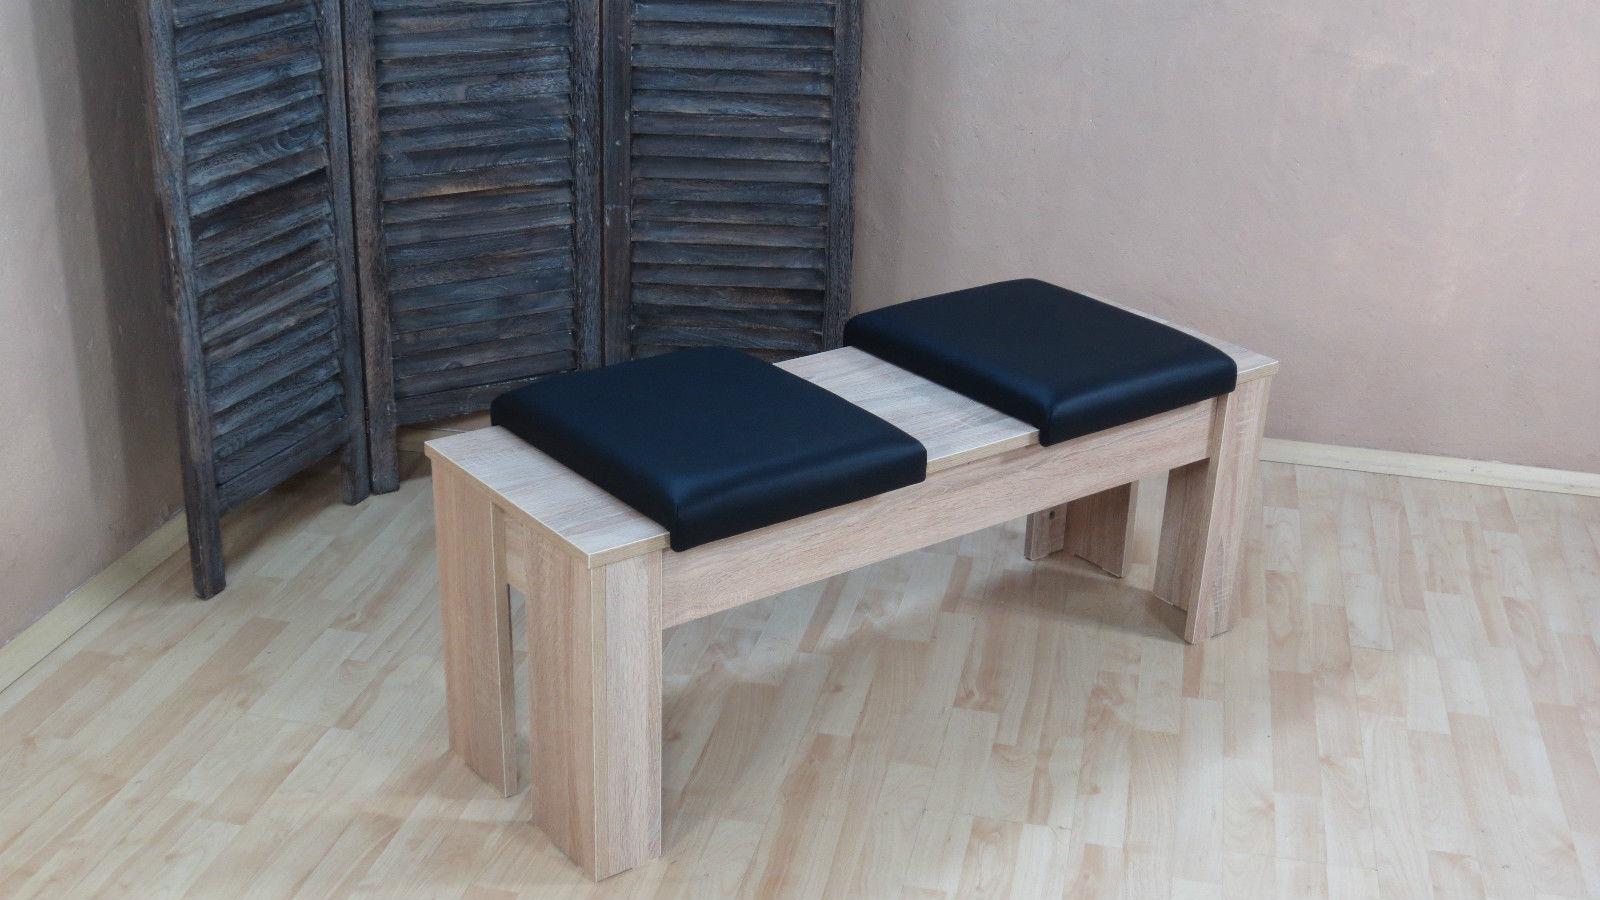 sitzbank eiche top sitzbank new york holzbank kchenbank holz eiche massiv gelt with sitzbank. Black Bedroom Furniture Sets. Home Design Ideas